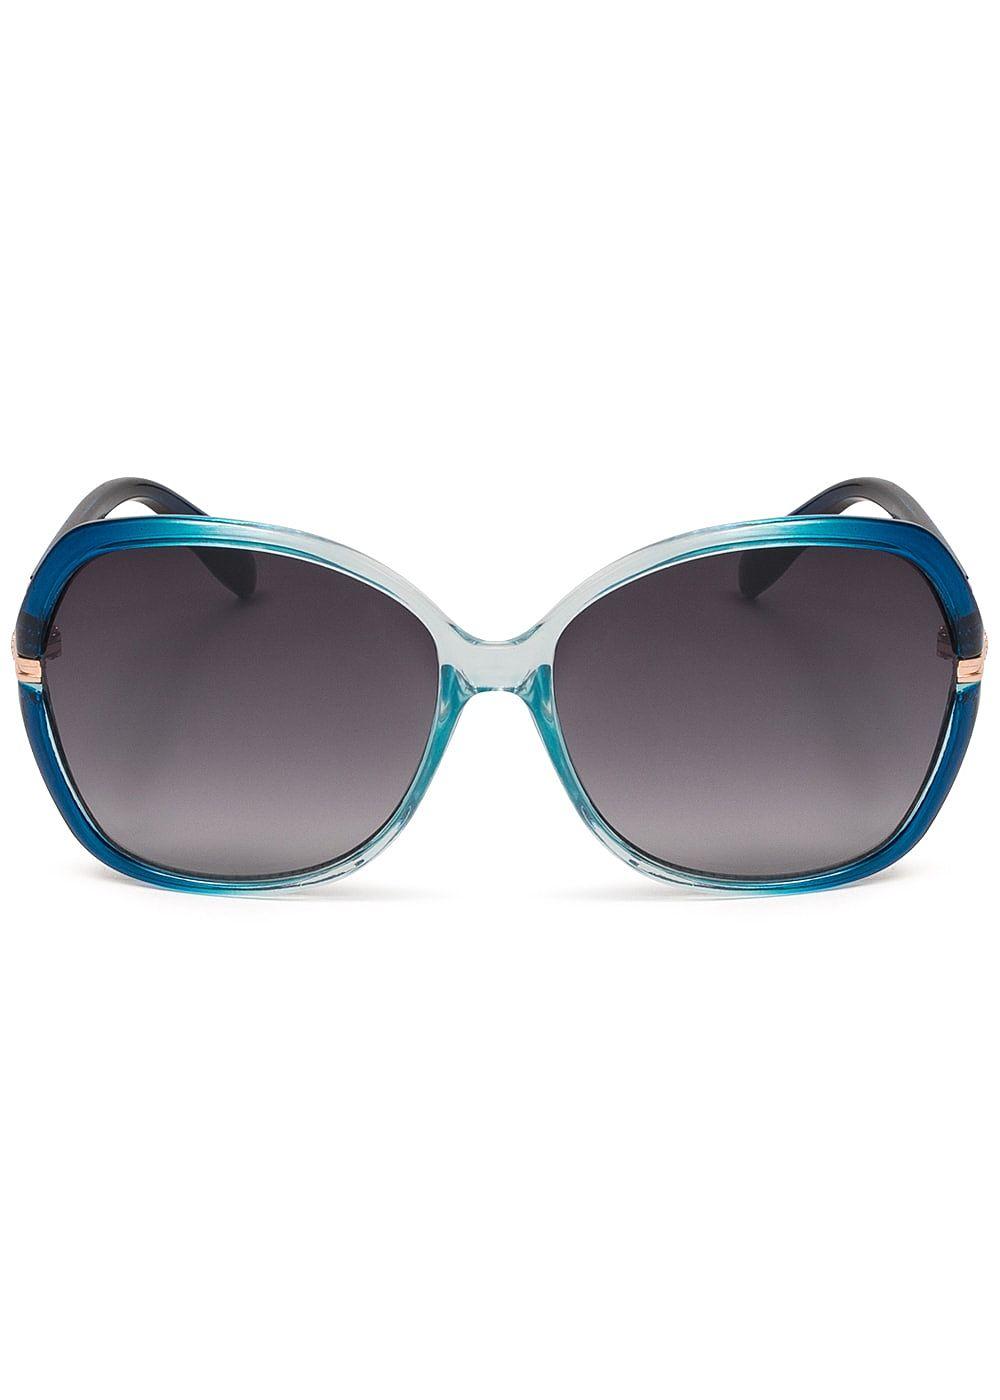 seventyseven lifestyle damen sonnenbrille uv schutz 400 blau 77onlineshop. Black Bedroom Furniture Sets. Home Design Ideas